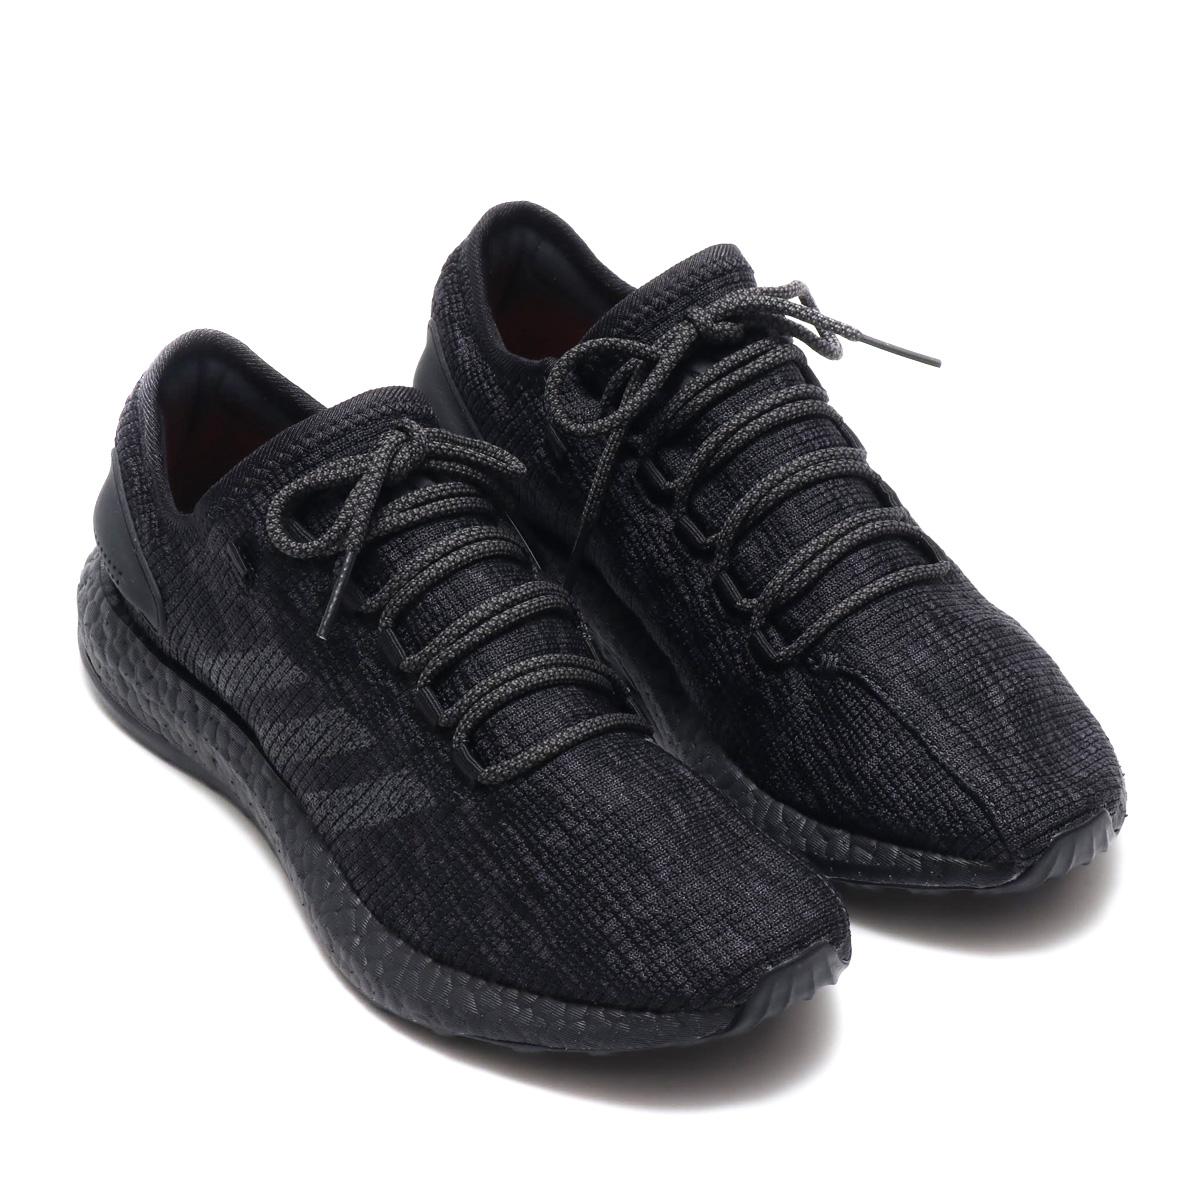 3ae95c4f5380b adidas pure boost 1